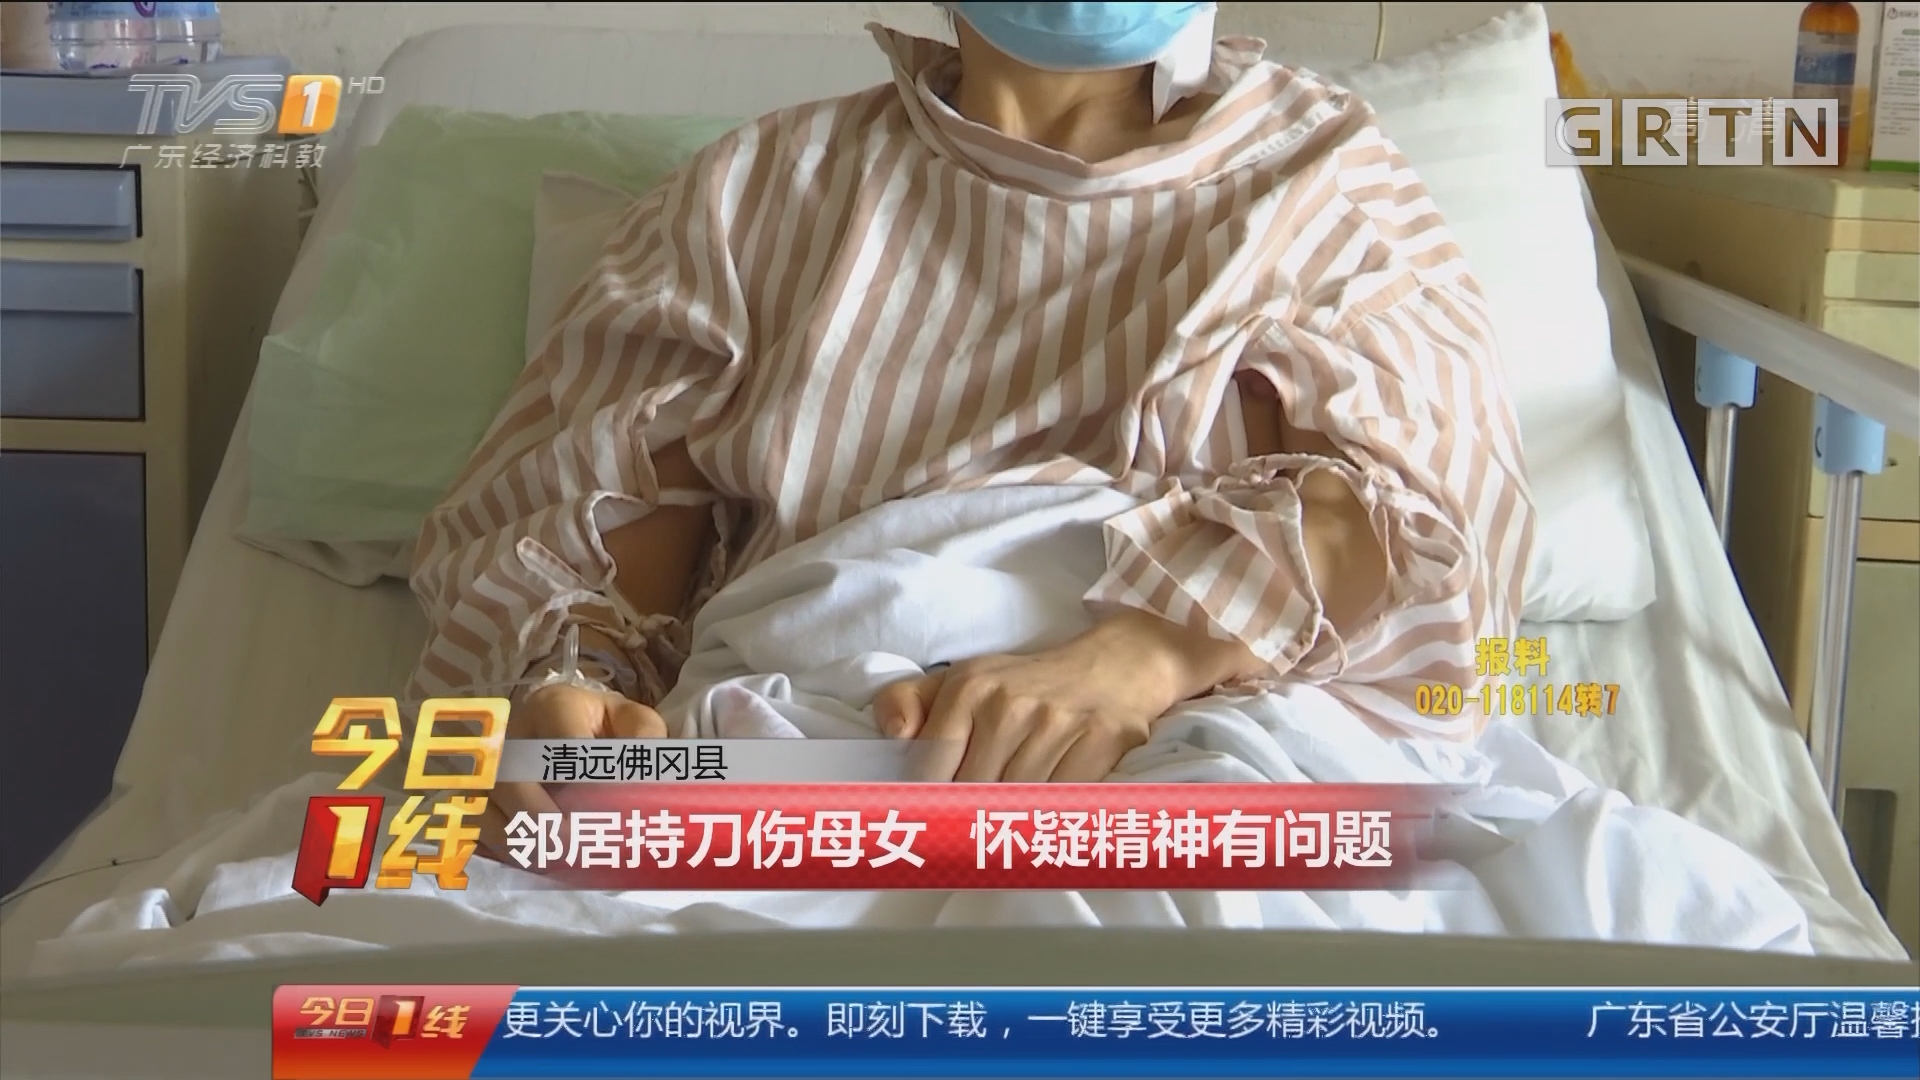 清远佛冈县:邻居持刀伤母女 怀疑精神有问题